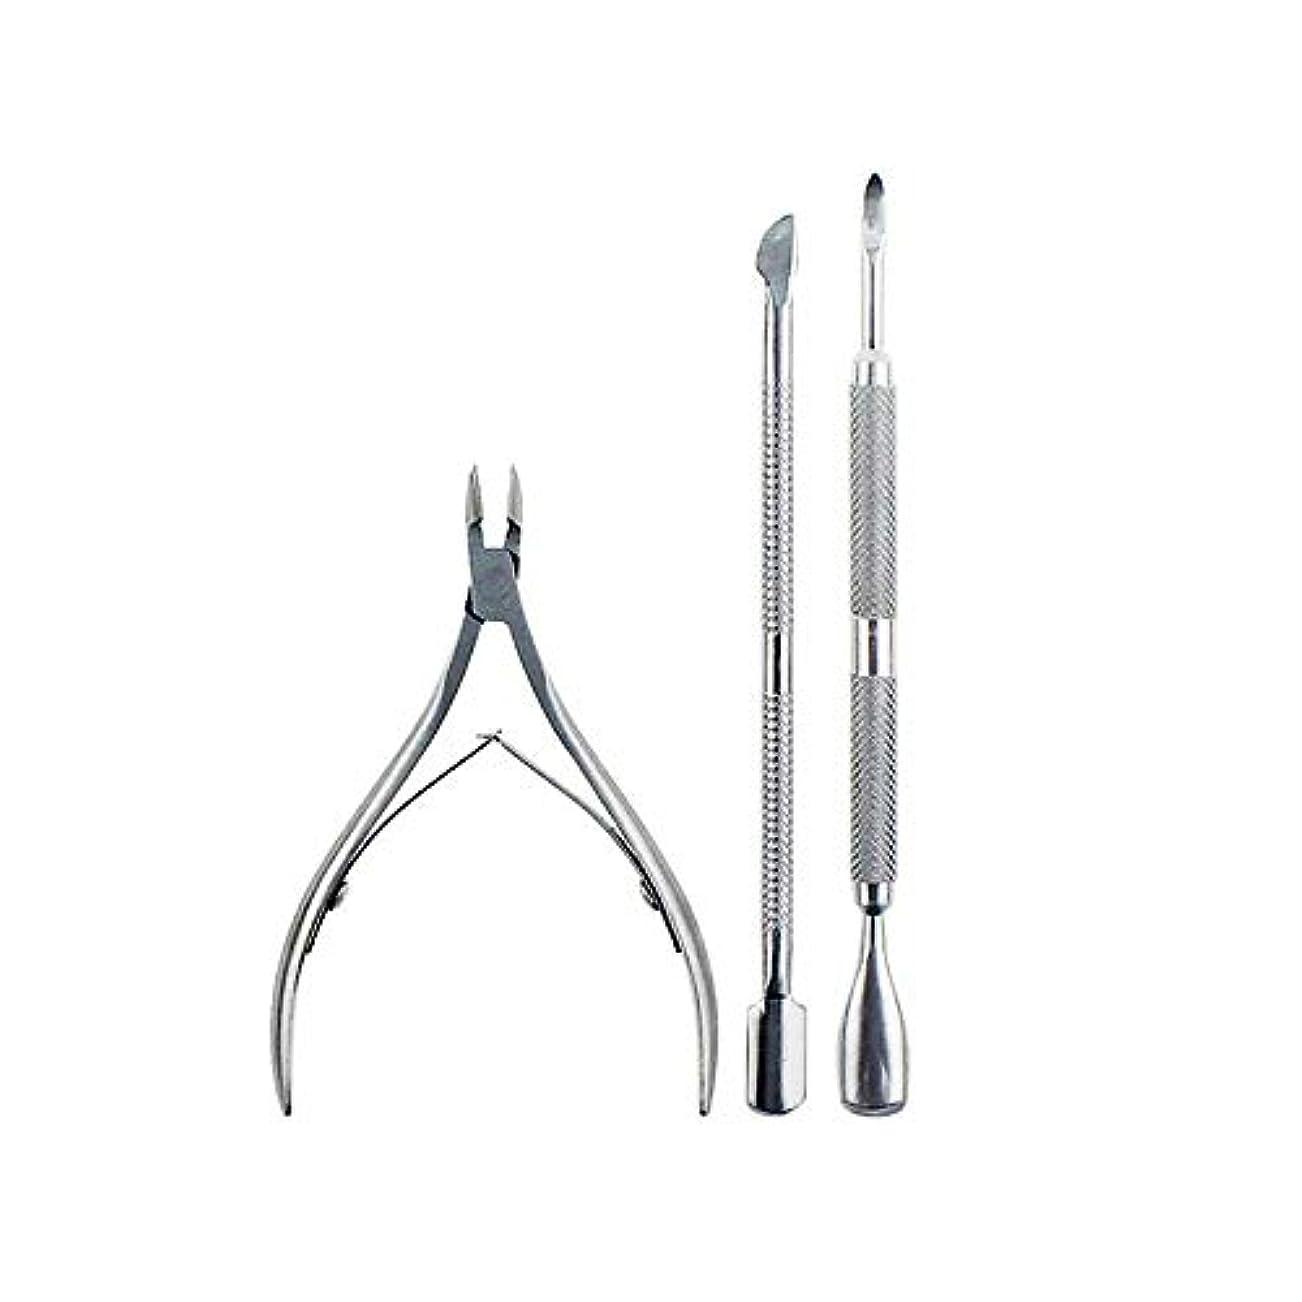 聖書歯痛ペインギリックホット爪切りセット美容ネイルツールセット高級ステンレス鋼製セット、シルバー、3点セット